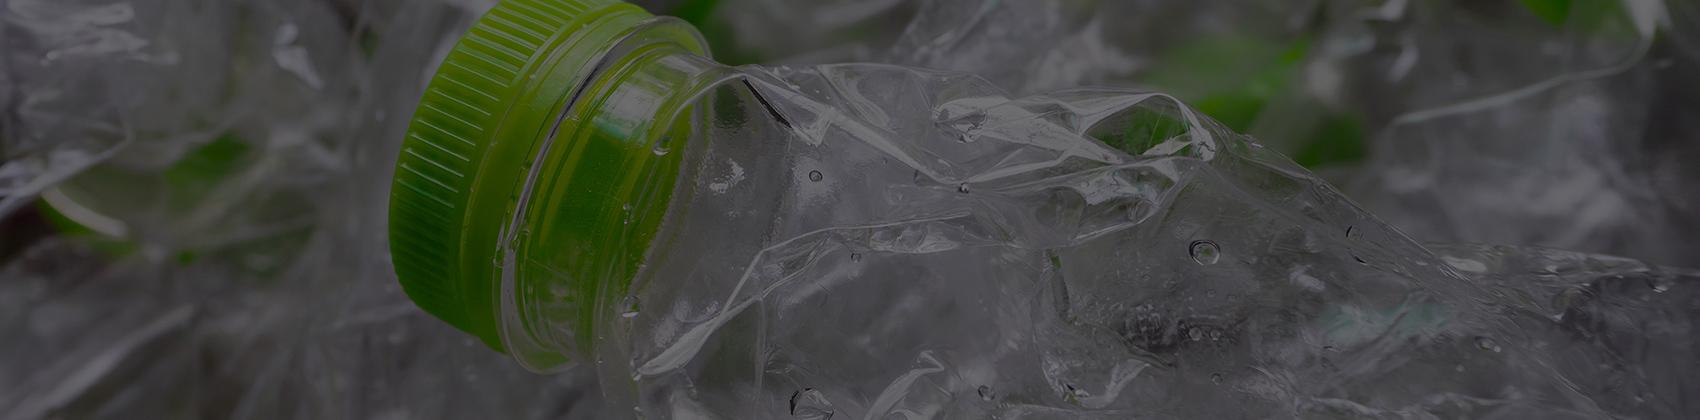 ゴミ・リサイクル